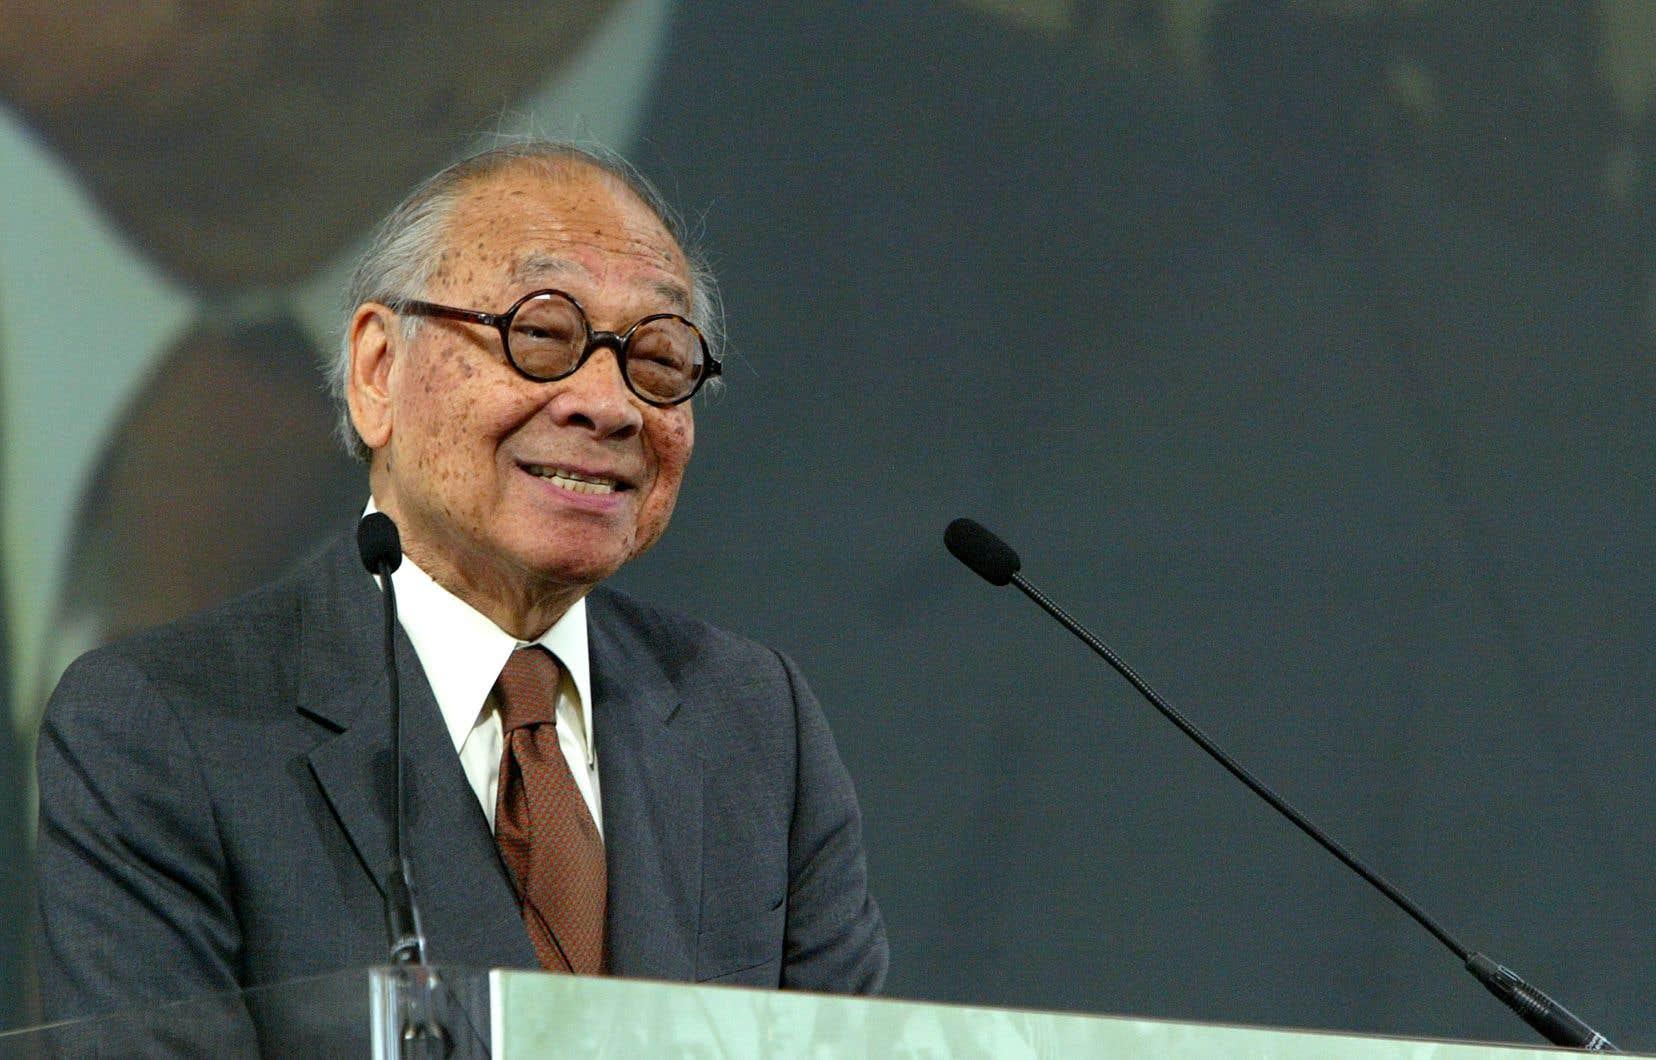 Ieoh Ming Pei était diplômé du Massachusetts Institute of Technology (MIT) et de l'école de design de l'Université Harvard.